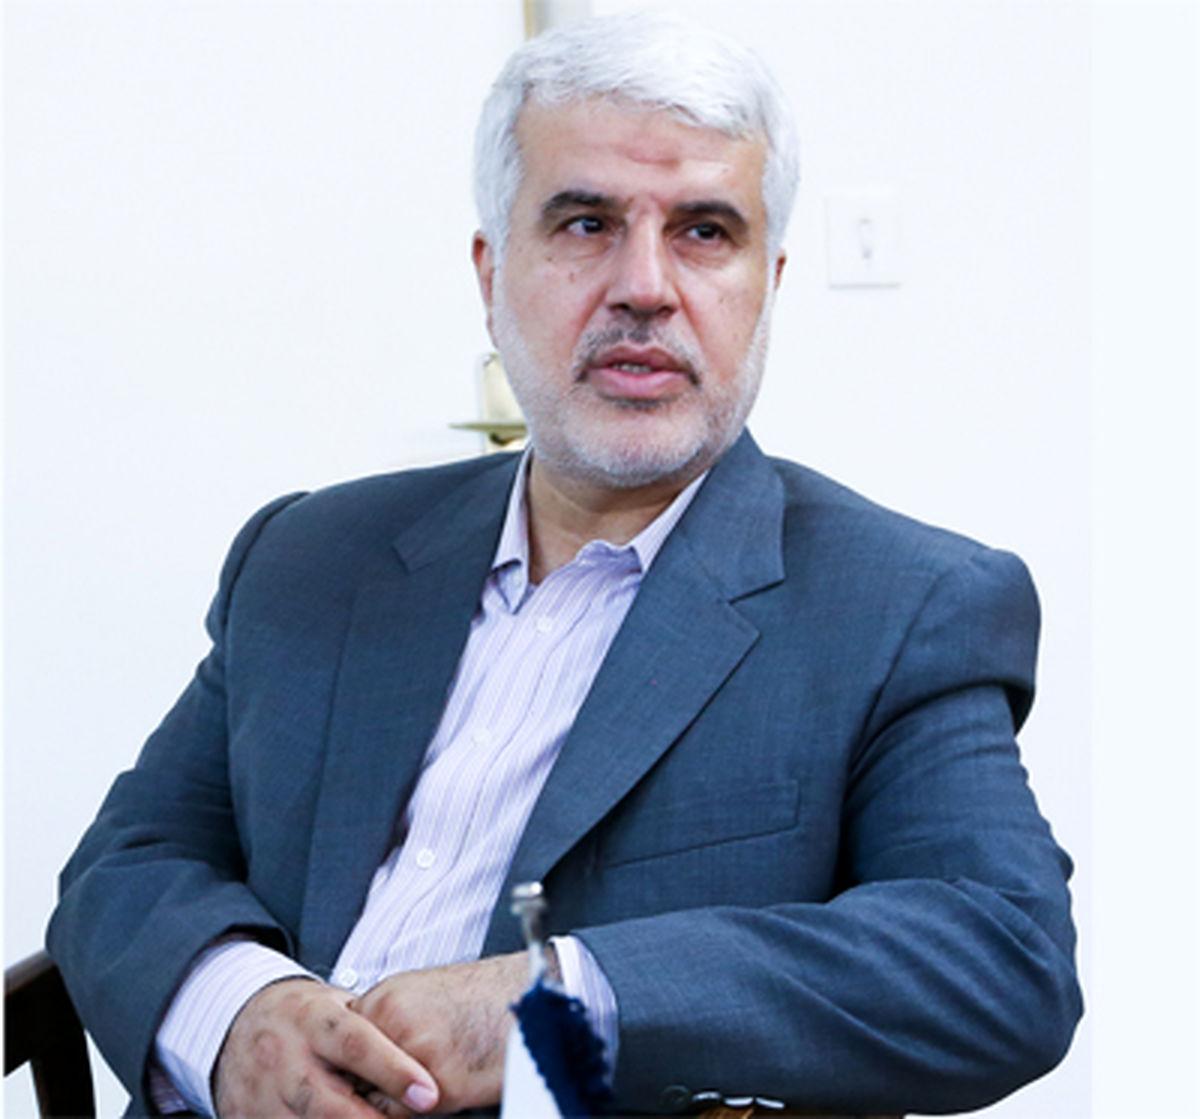 گفتگو با محمدعلی ربانی رایزن فرهنگی ایران در دهلی هندوستان